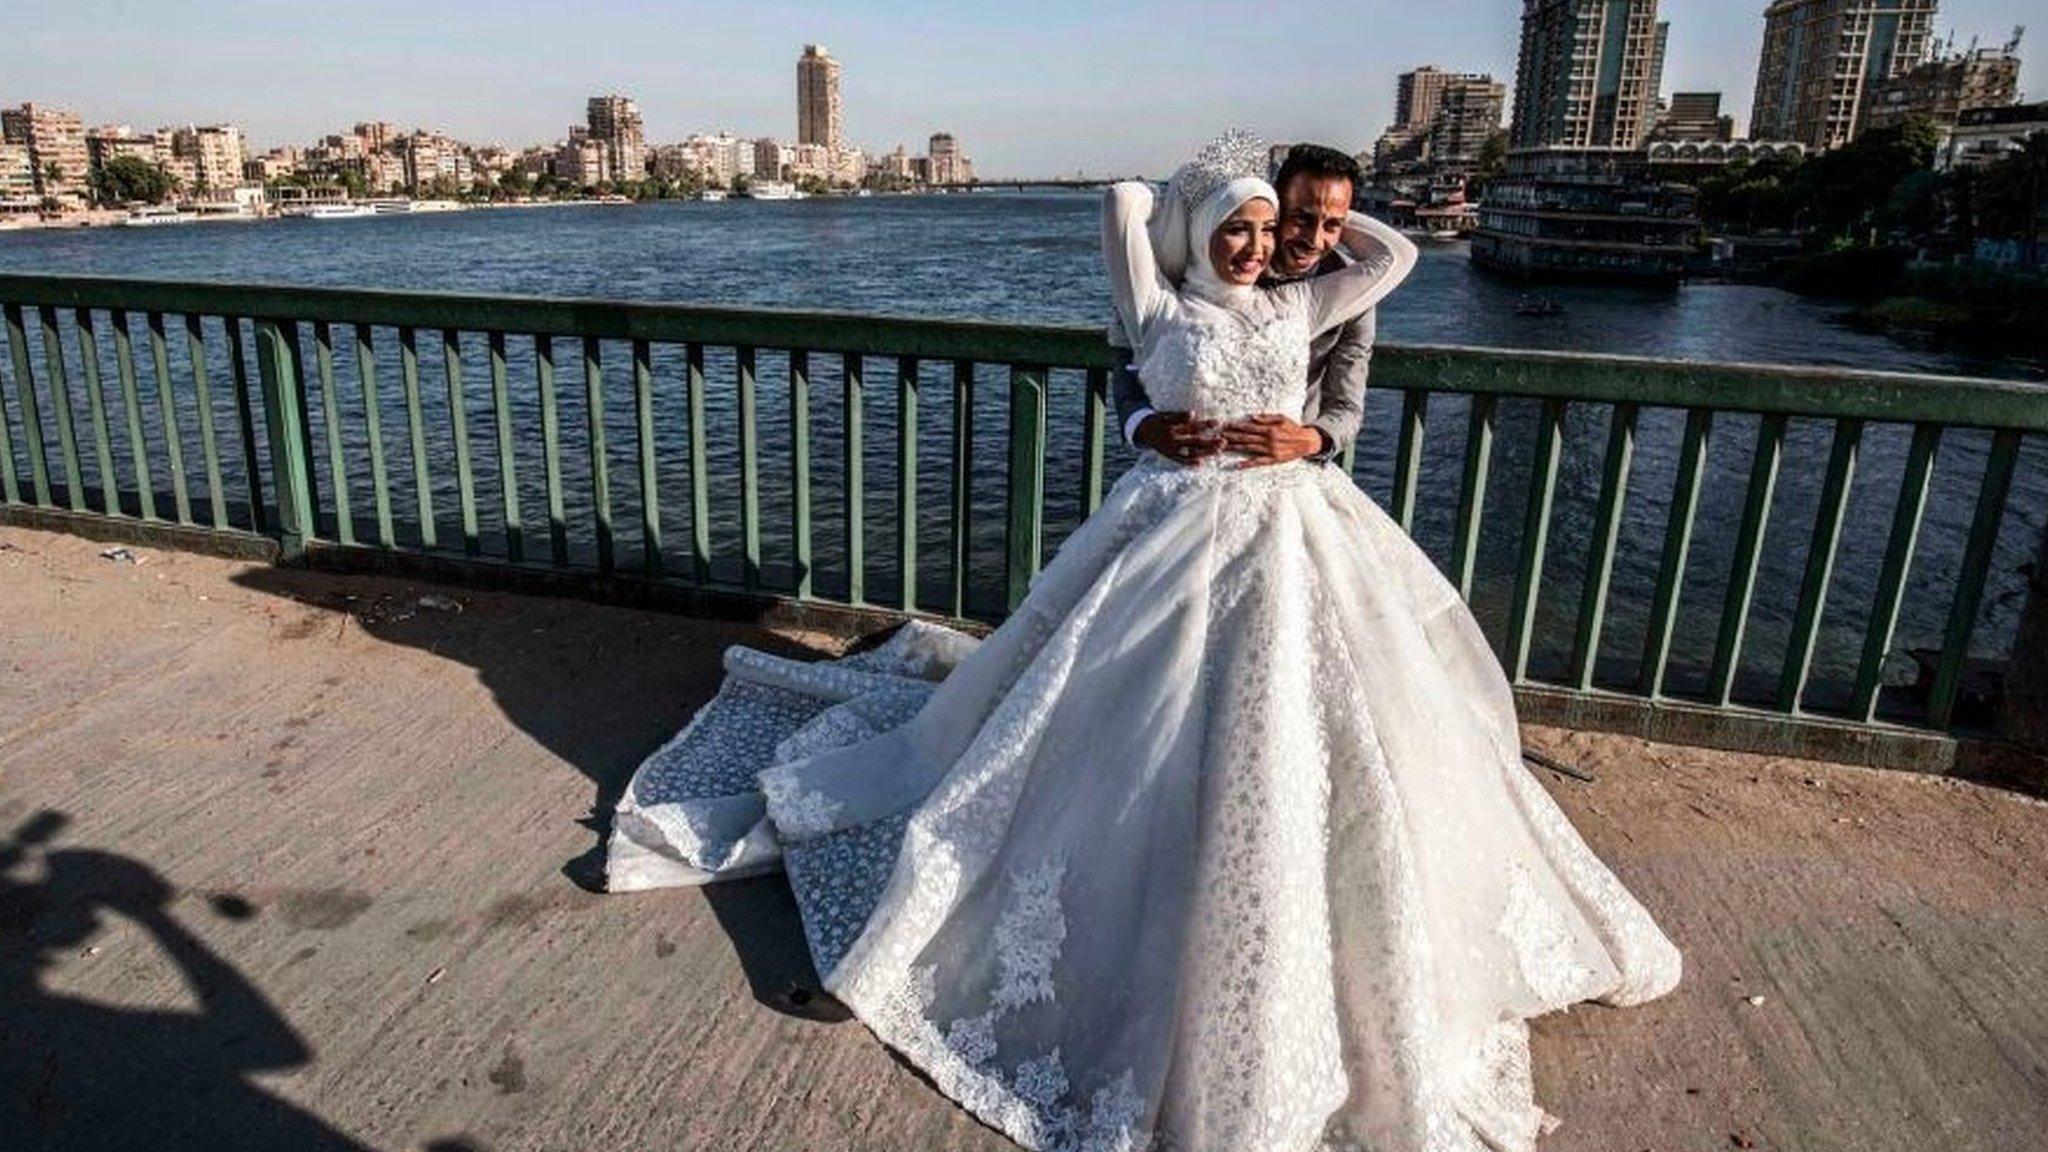 تؤكد الإحصاءات الرسمية أن نسب الطلاق المتزايدة باتت تشكل أزمة قانونية واجتماعية في مصر